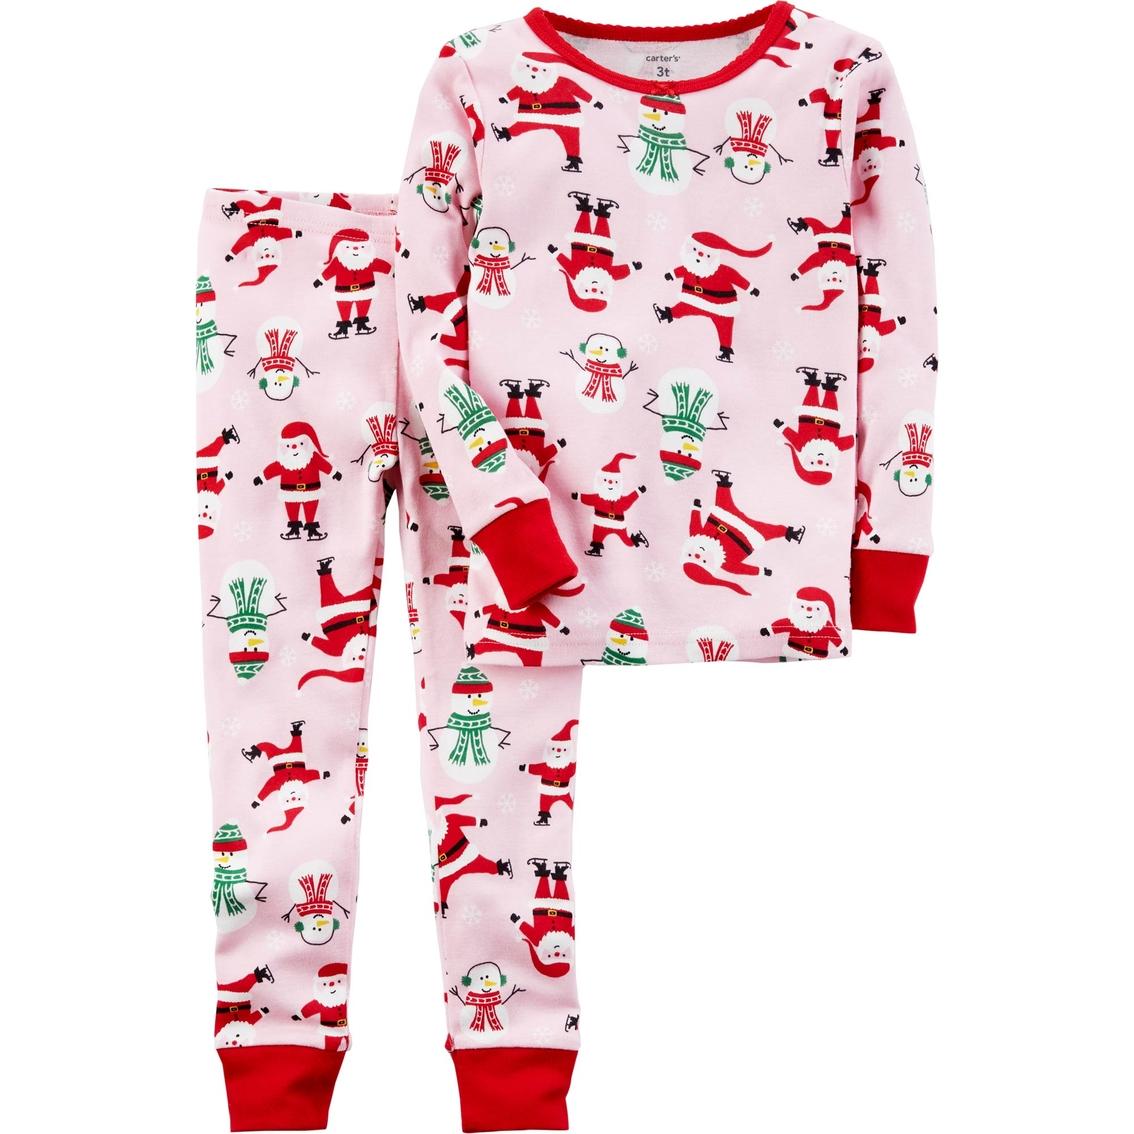 f8f6a566bbbb Carters Toddler Girl 2 Pc. Christmas Print Pajama Set